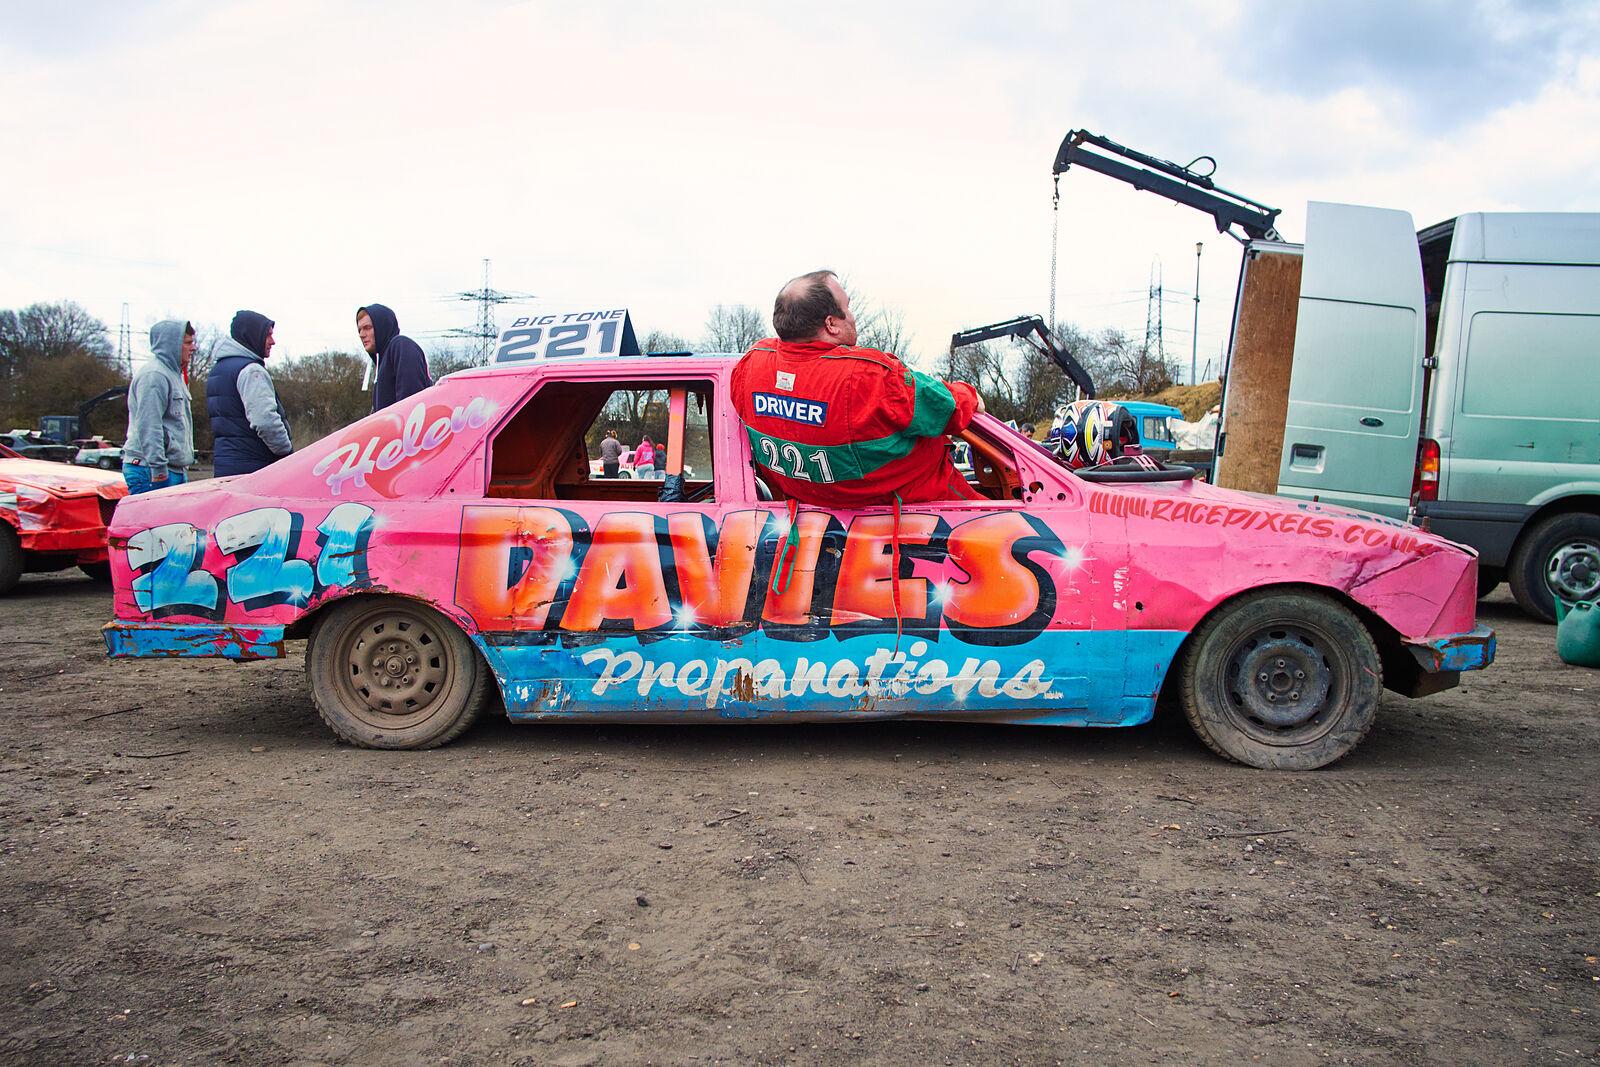 Driver 221